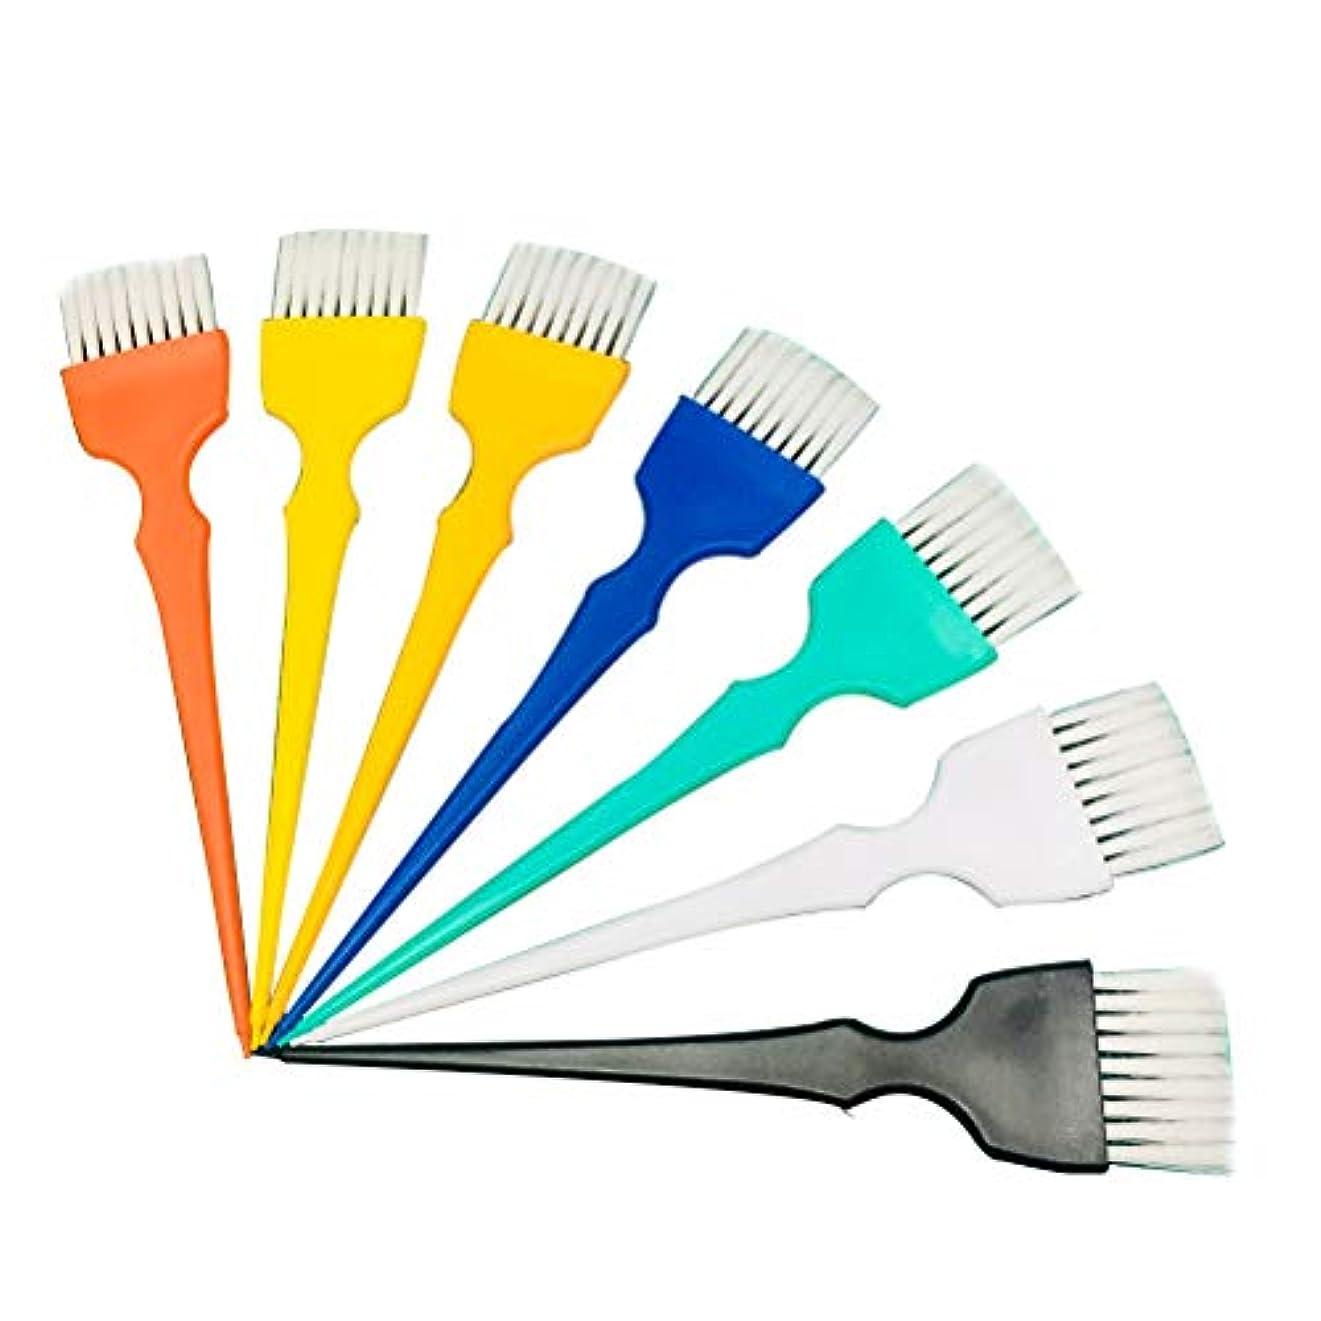 おなじみの良さマウスBeaupretty 7本染毛ブラシプラスチックソフトブラシヘアカラーブラシ美容院用(ランダムカラー)